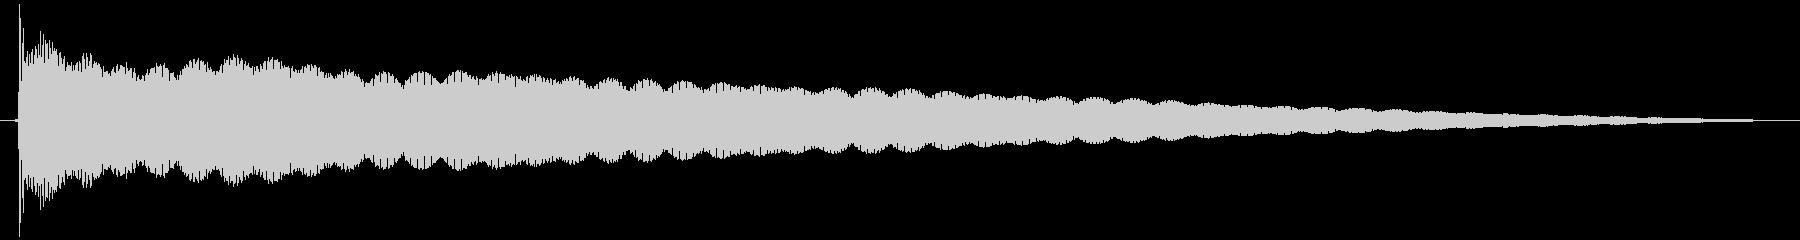 ゴーン  仏具の鐘、お鈴の未再生の波形